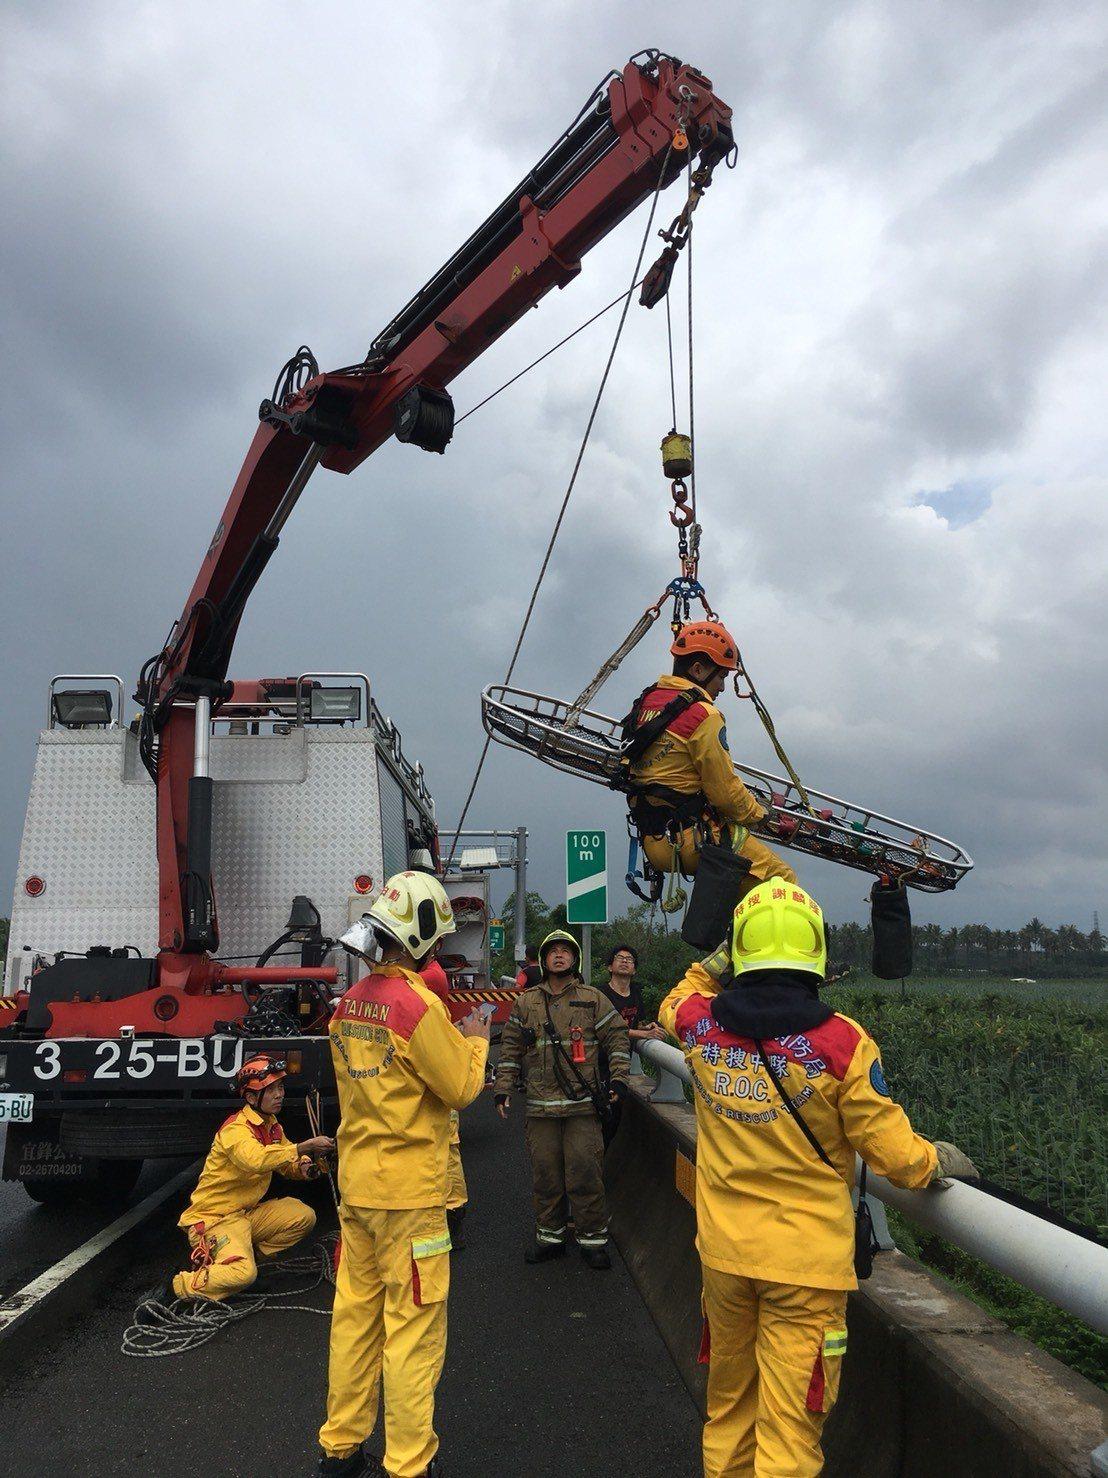 國道10號車禍,計程車司機墜落高架橋,消防隊正準備下橋救人。記者林保光/翻攝